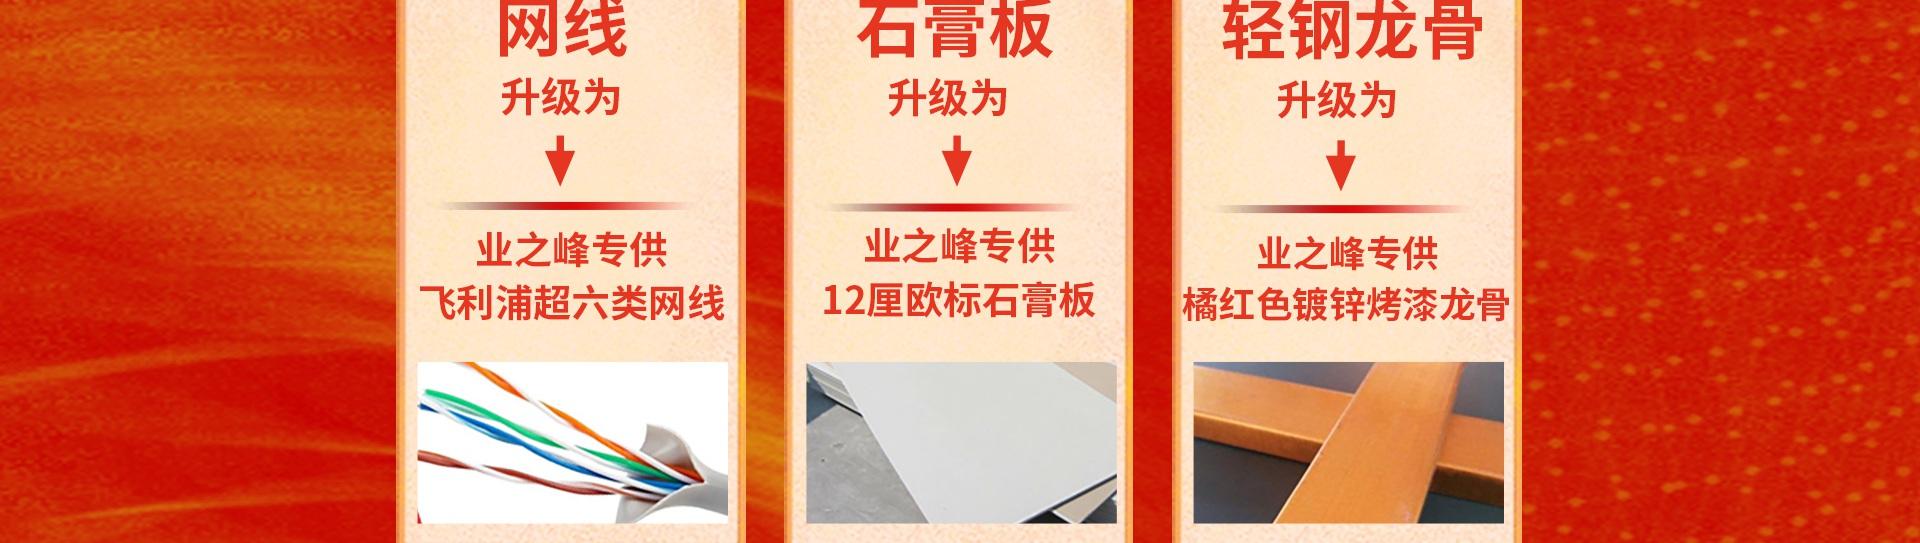 业之峰装饰邯郸公司《19周年庆》——九重保障、交定金送健康大礼